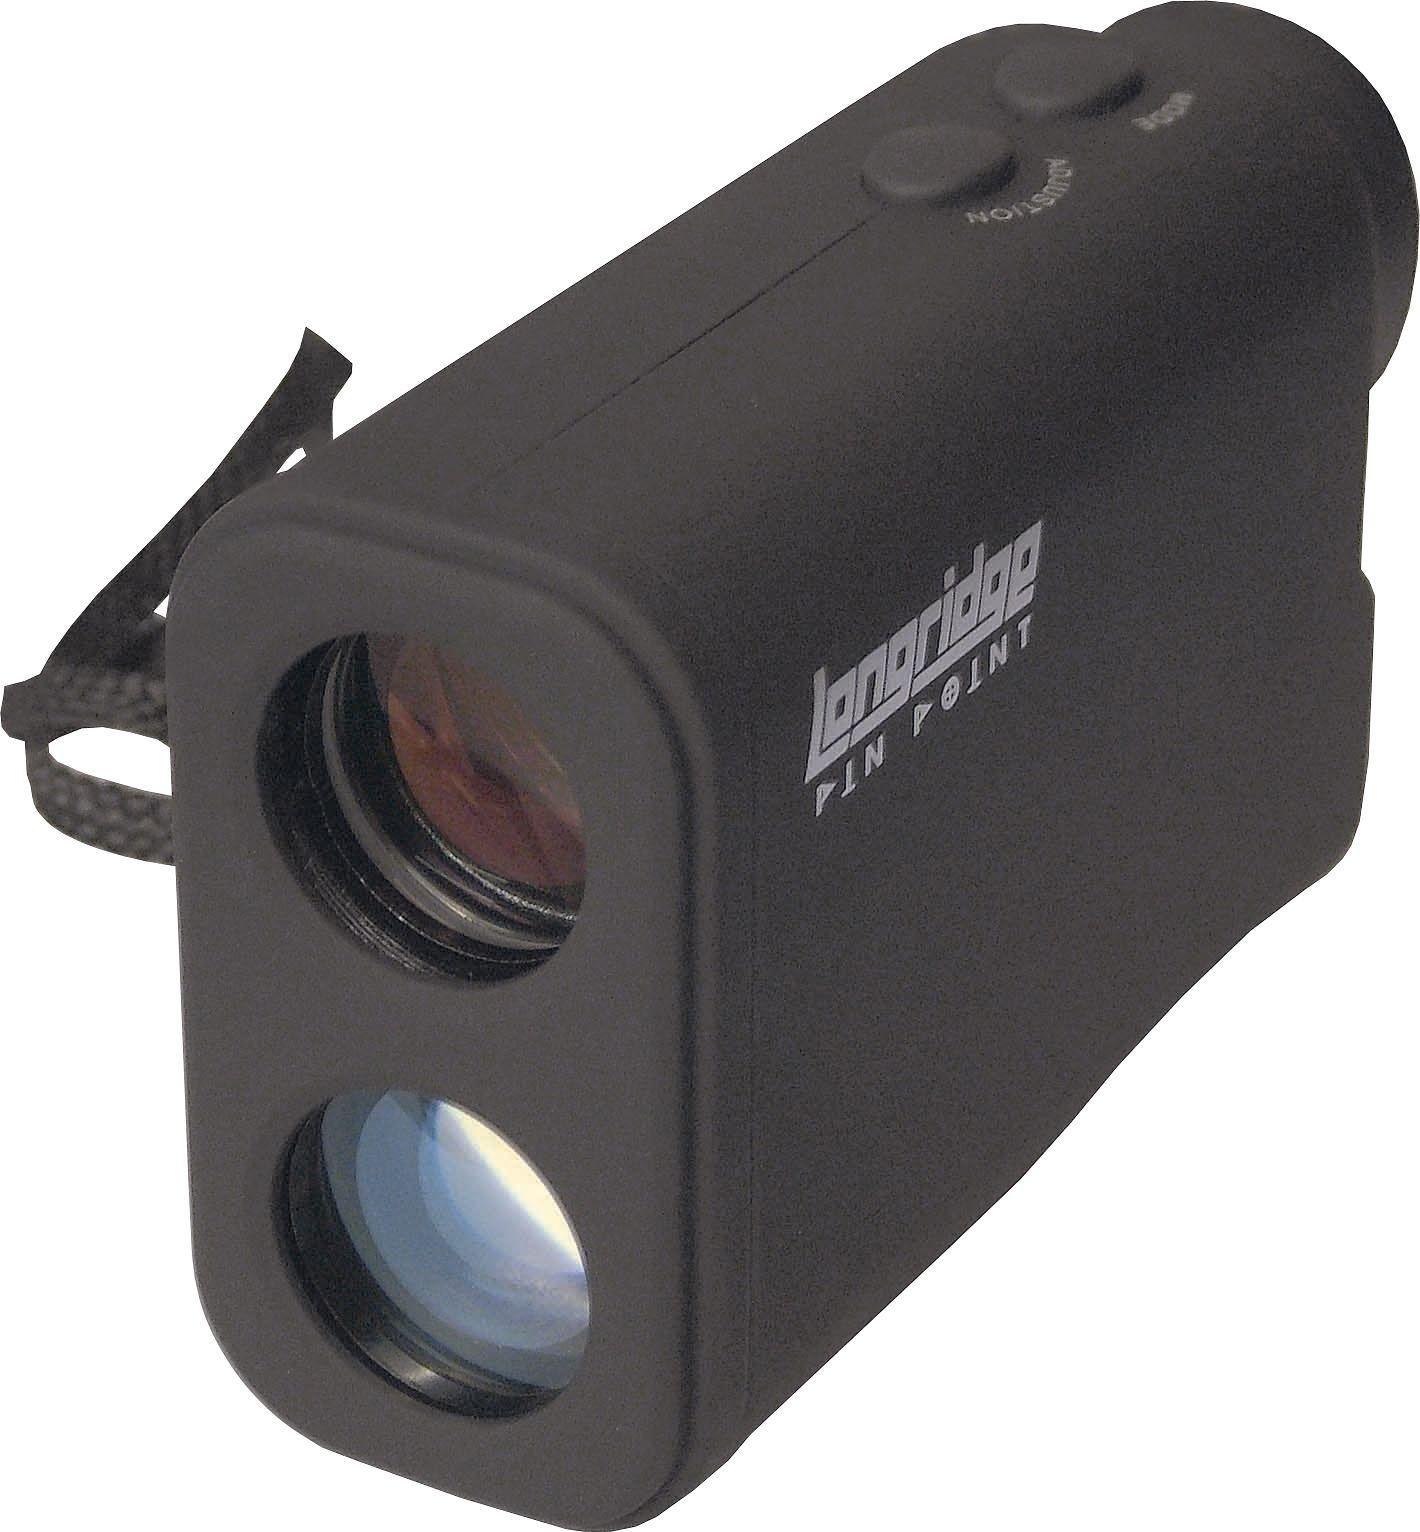 Driving gloves argos - Longridge Golf Ball Laser Distance Finder